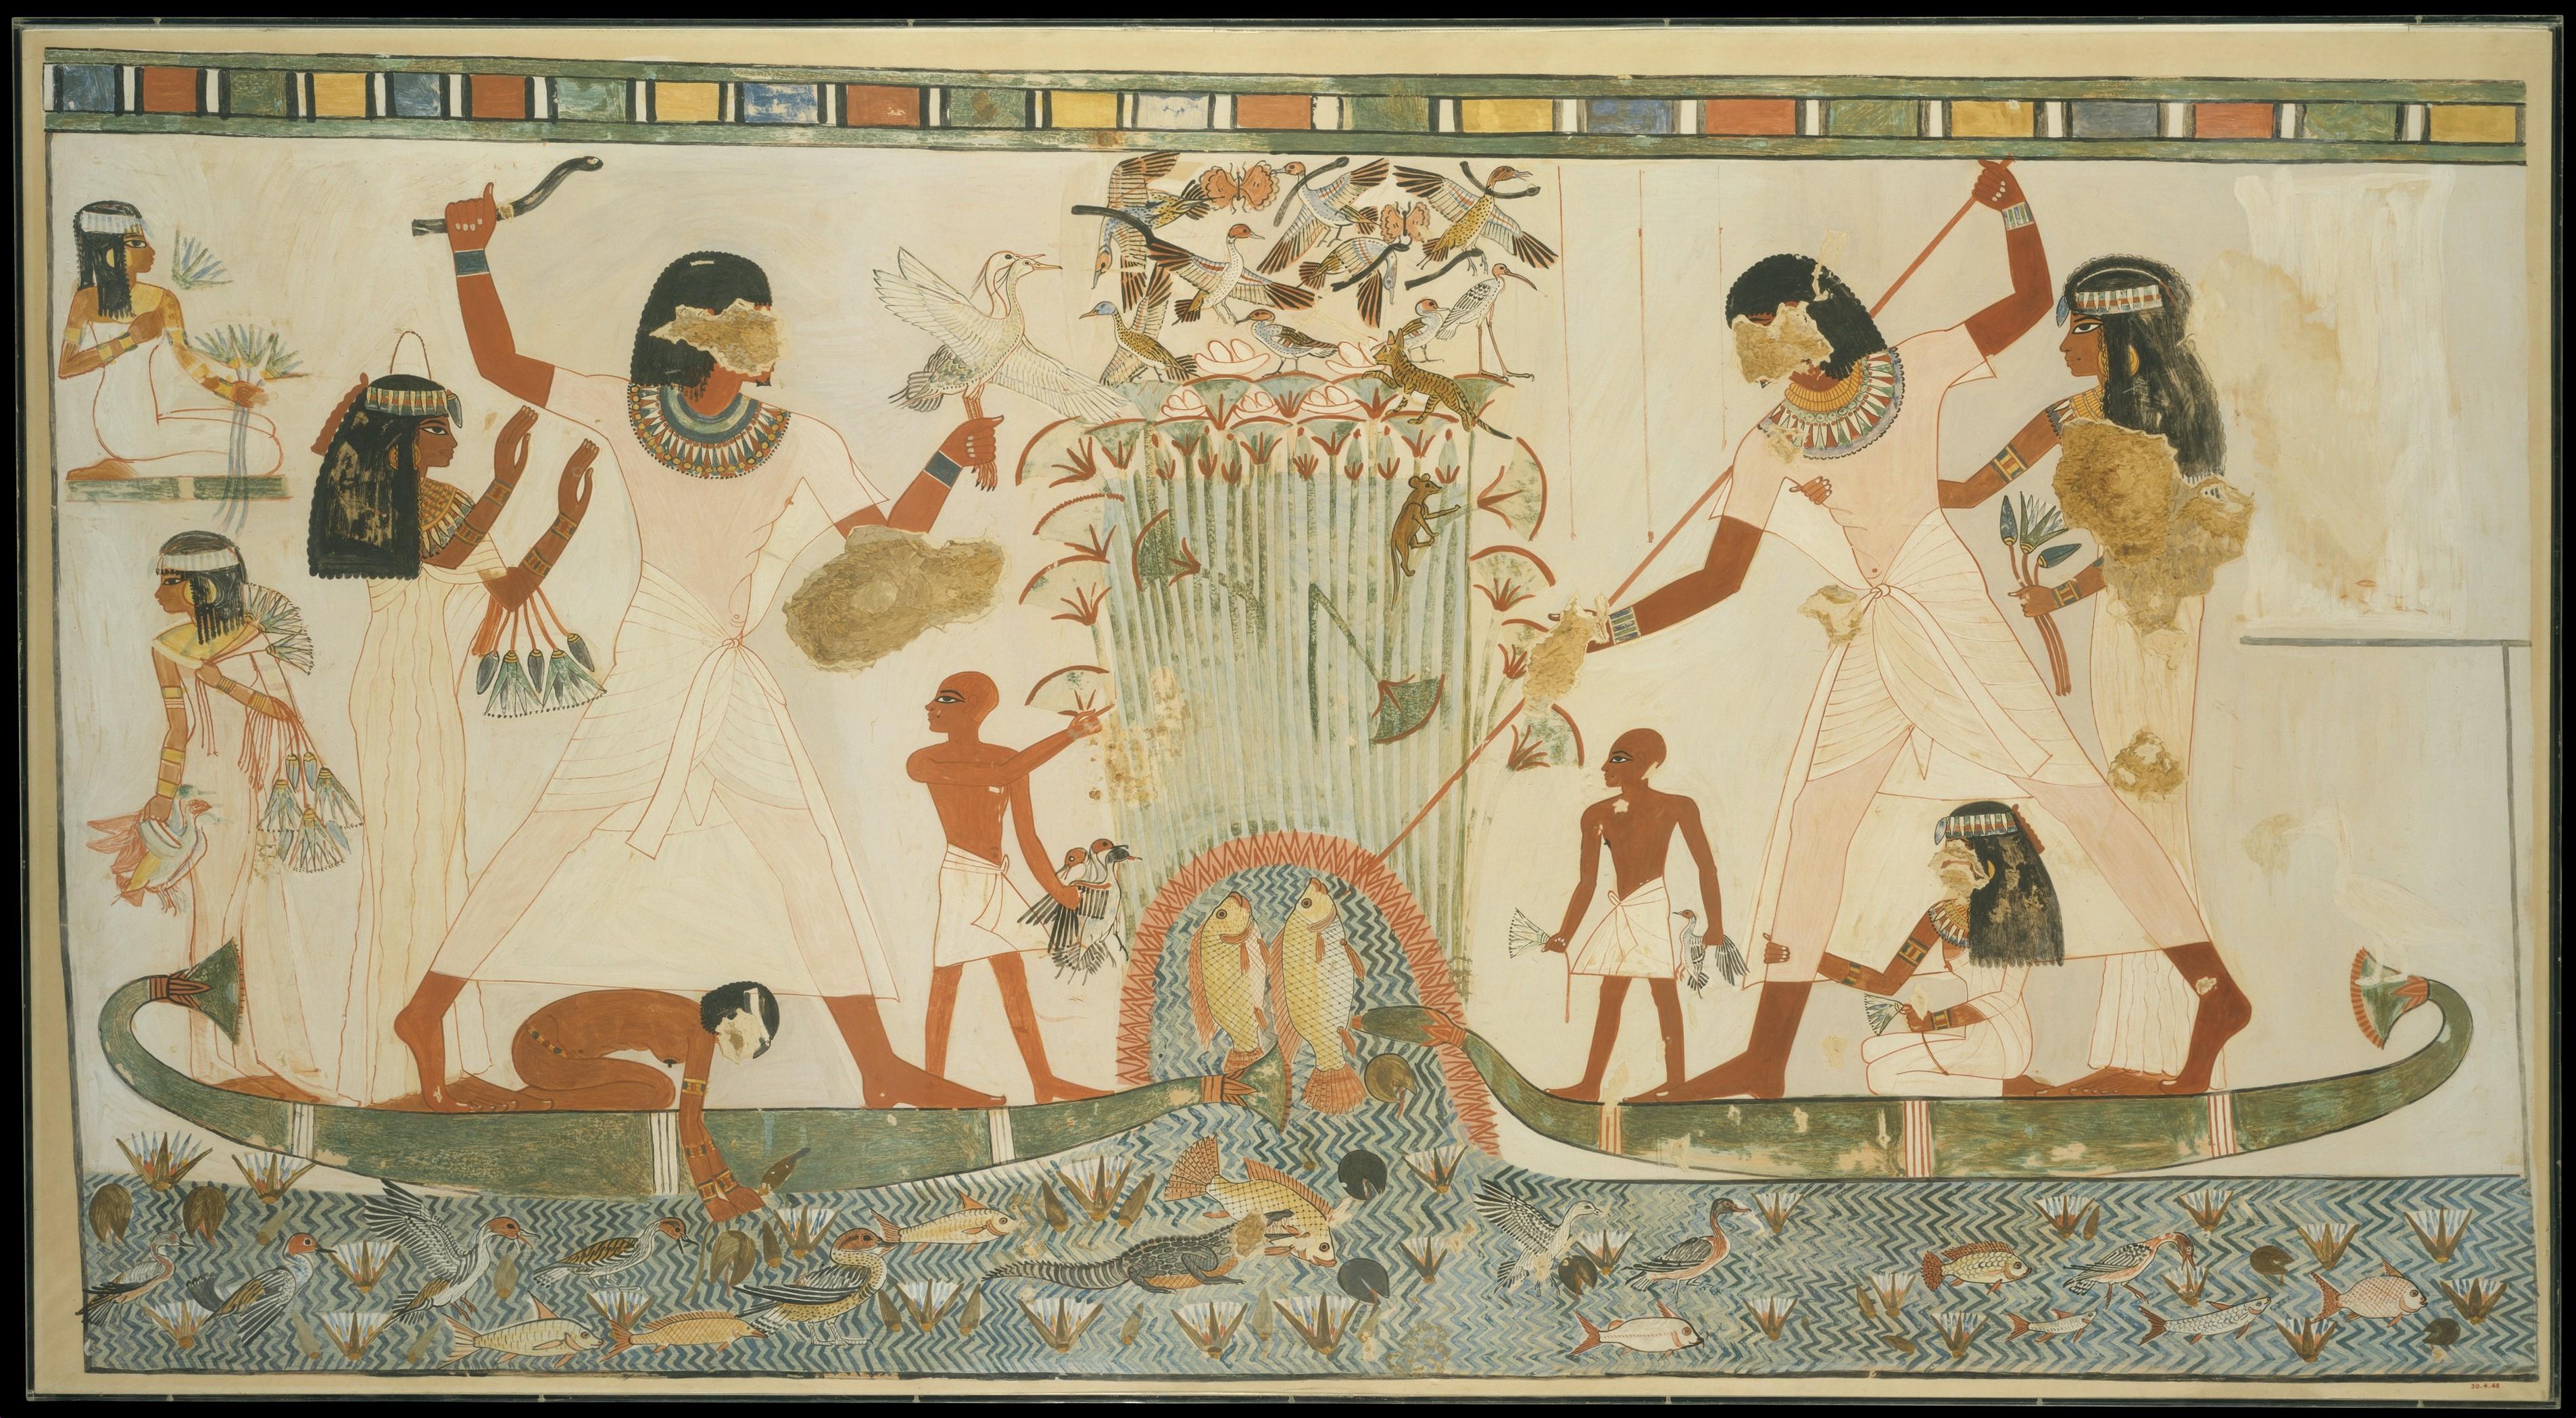 Egipatska umetnost - Page 2 Marsh-Scene-Tomb-of-Menna-1924-facsimile-of-original-from-ca.-1400-1352-BC-Met-Museum